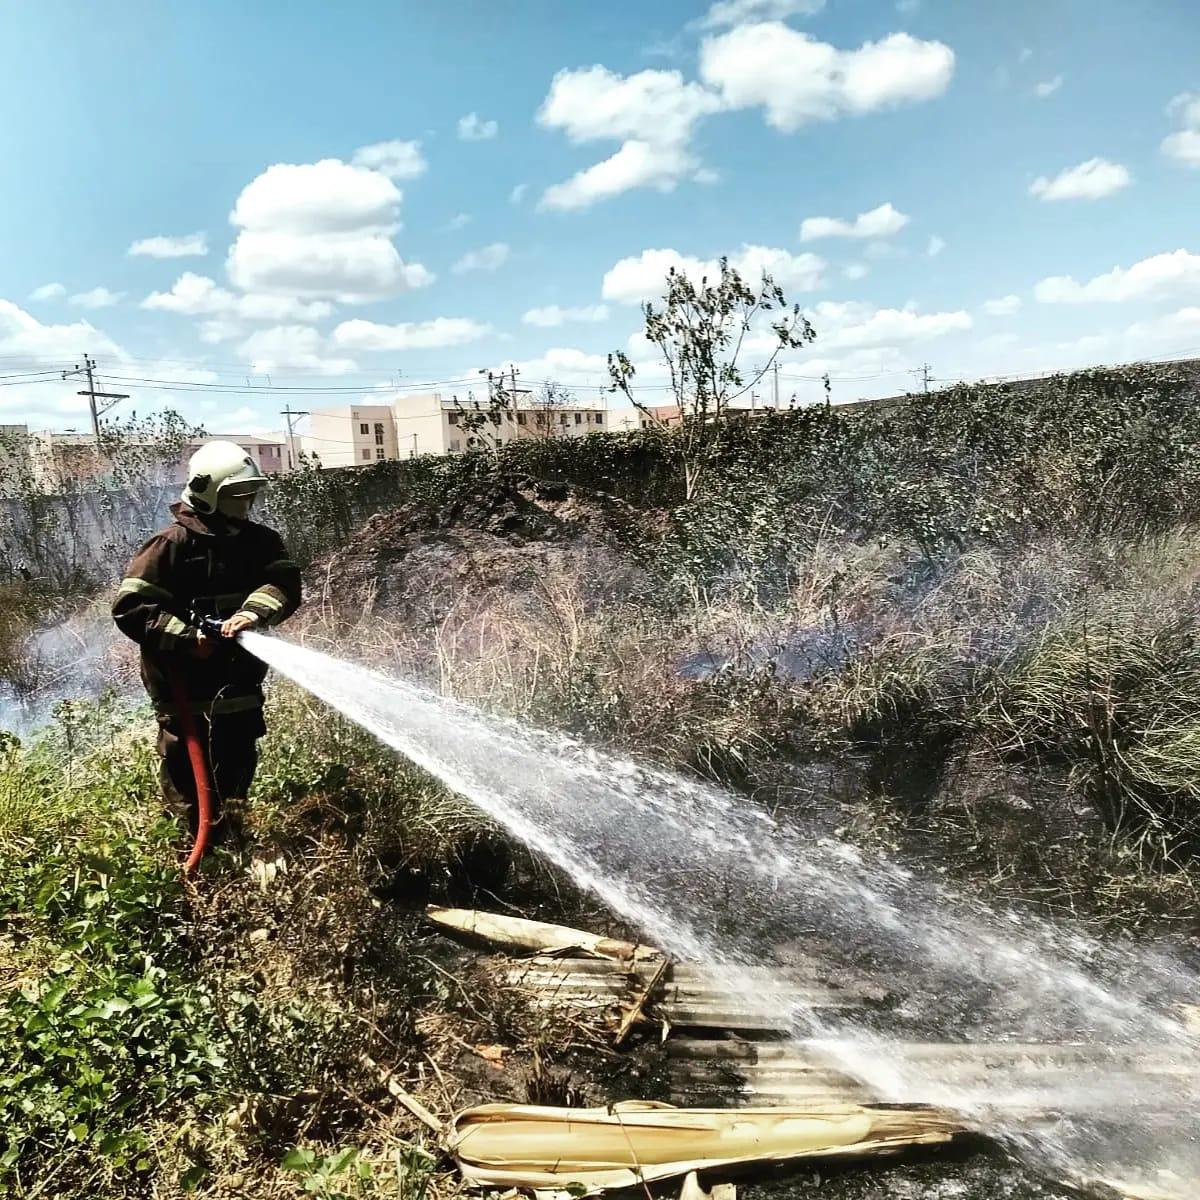 Bombeiros de Maracanaú extinguem incêndio próximo a empresa de paletes no quarto anel viário